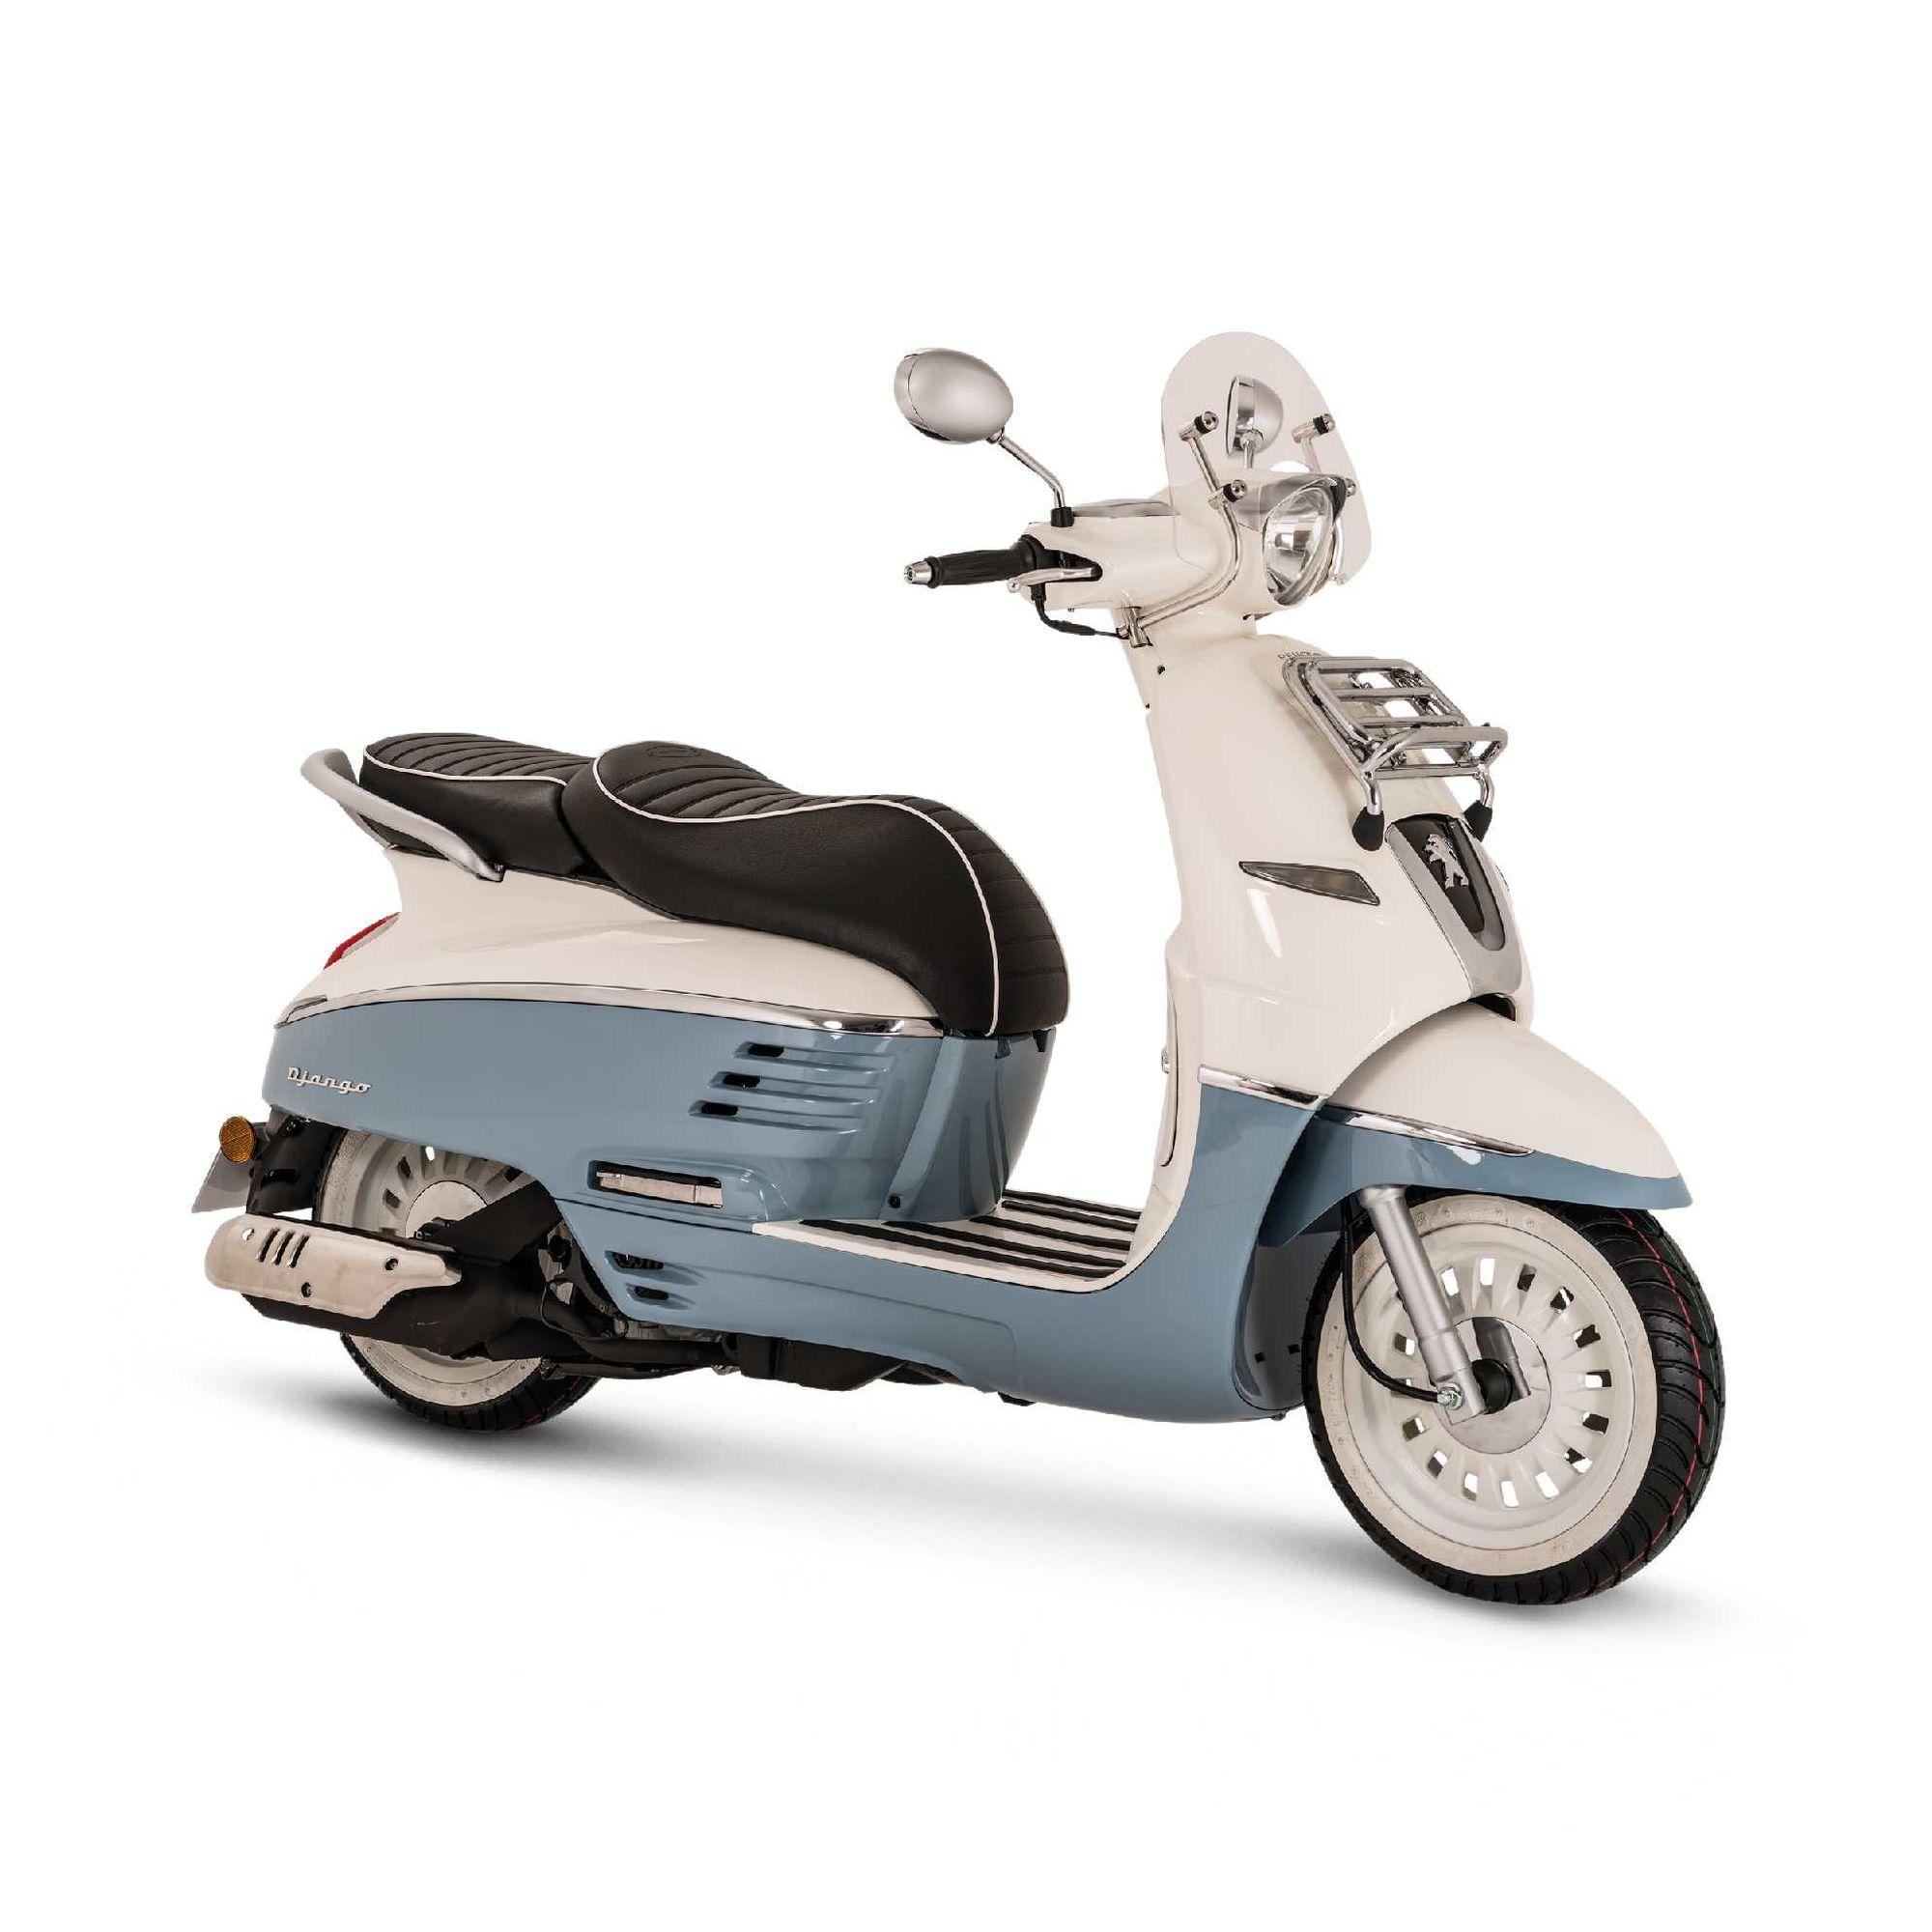 Gebrauchte Peugeot Django 50 2T Evasion Motorräder kaufen